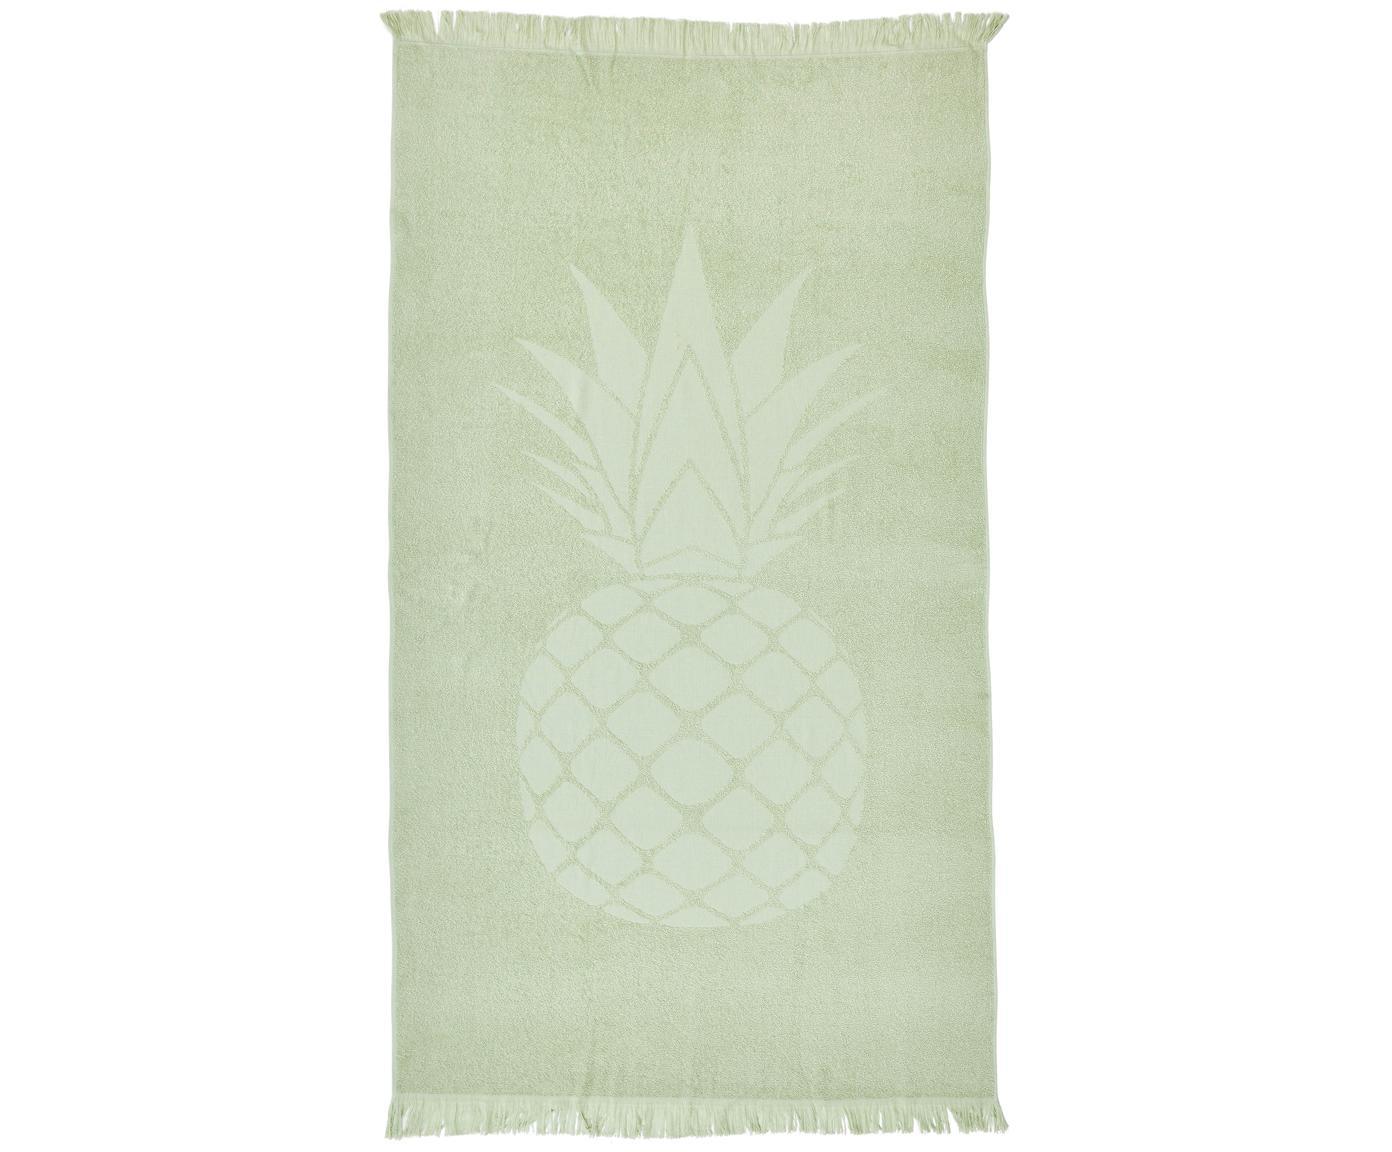 Ręcznik plażowy Capri Pineapple, Jasny zielony, S 90 x D 160 cm